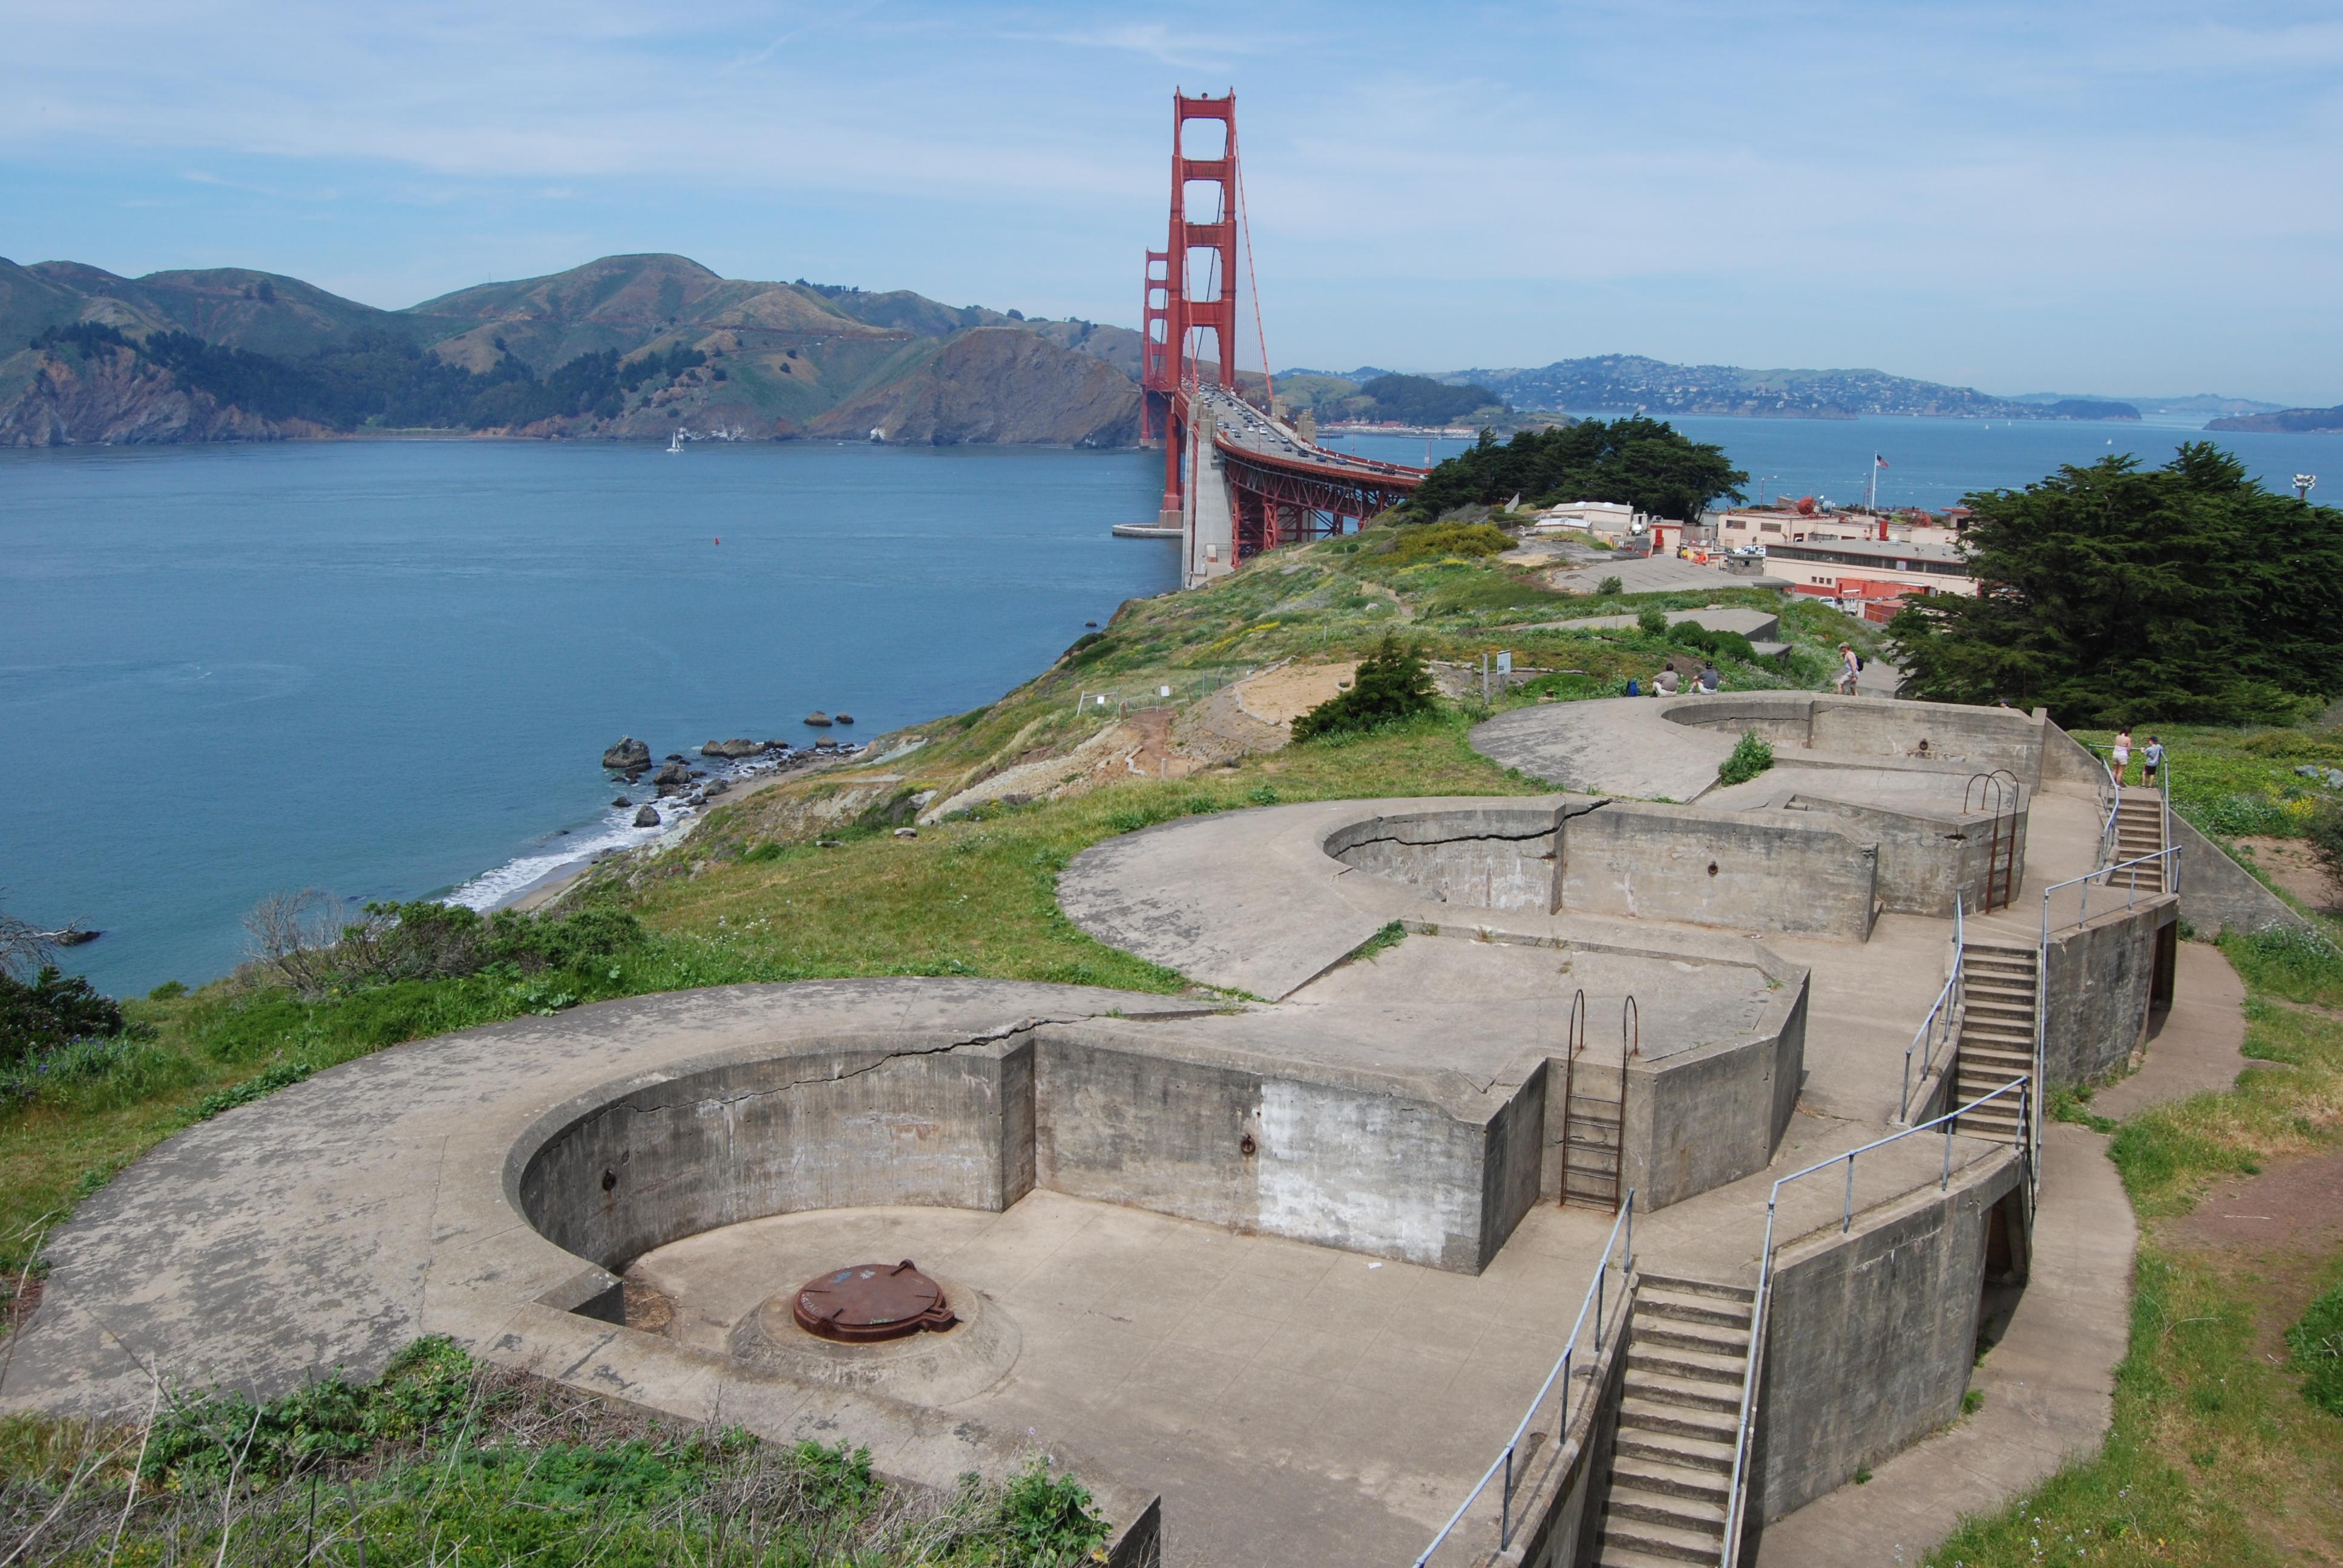 San Francisco Ca Sales Tax On Cars